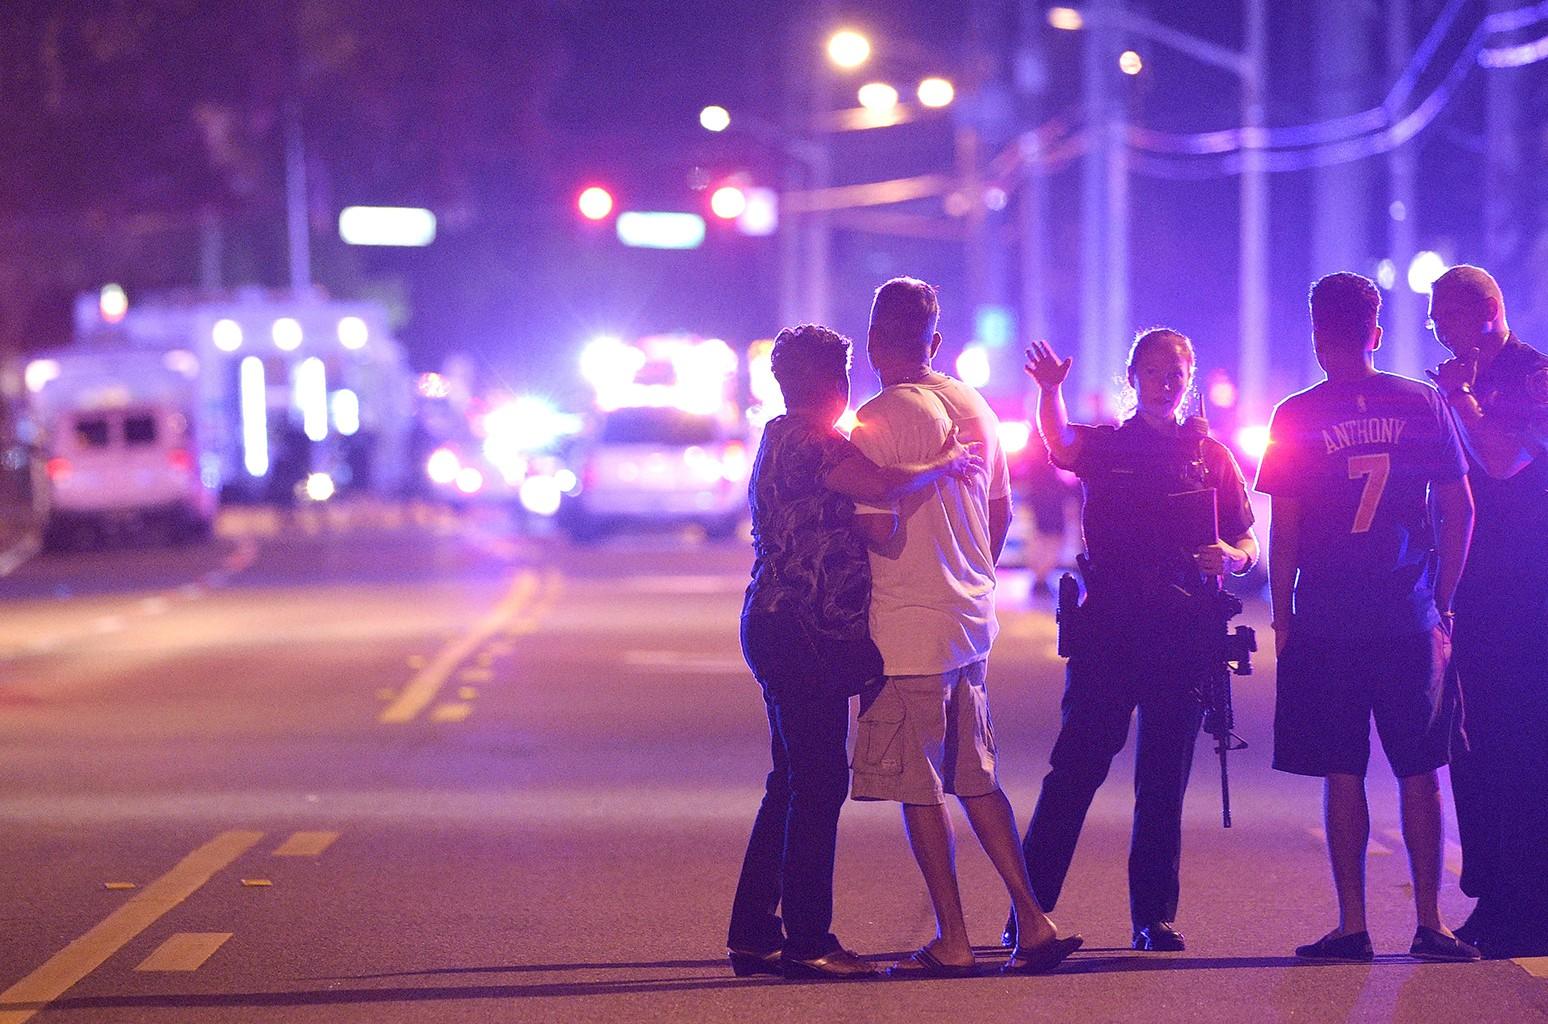 Pulse Orlando nightclub in Orlando